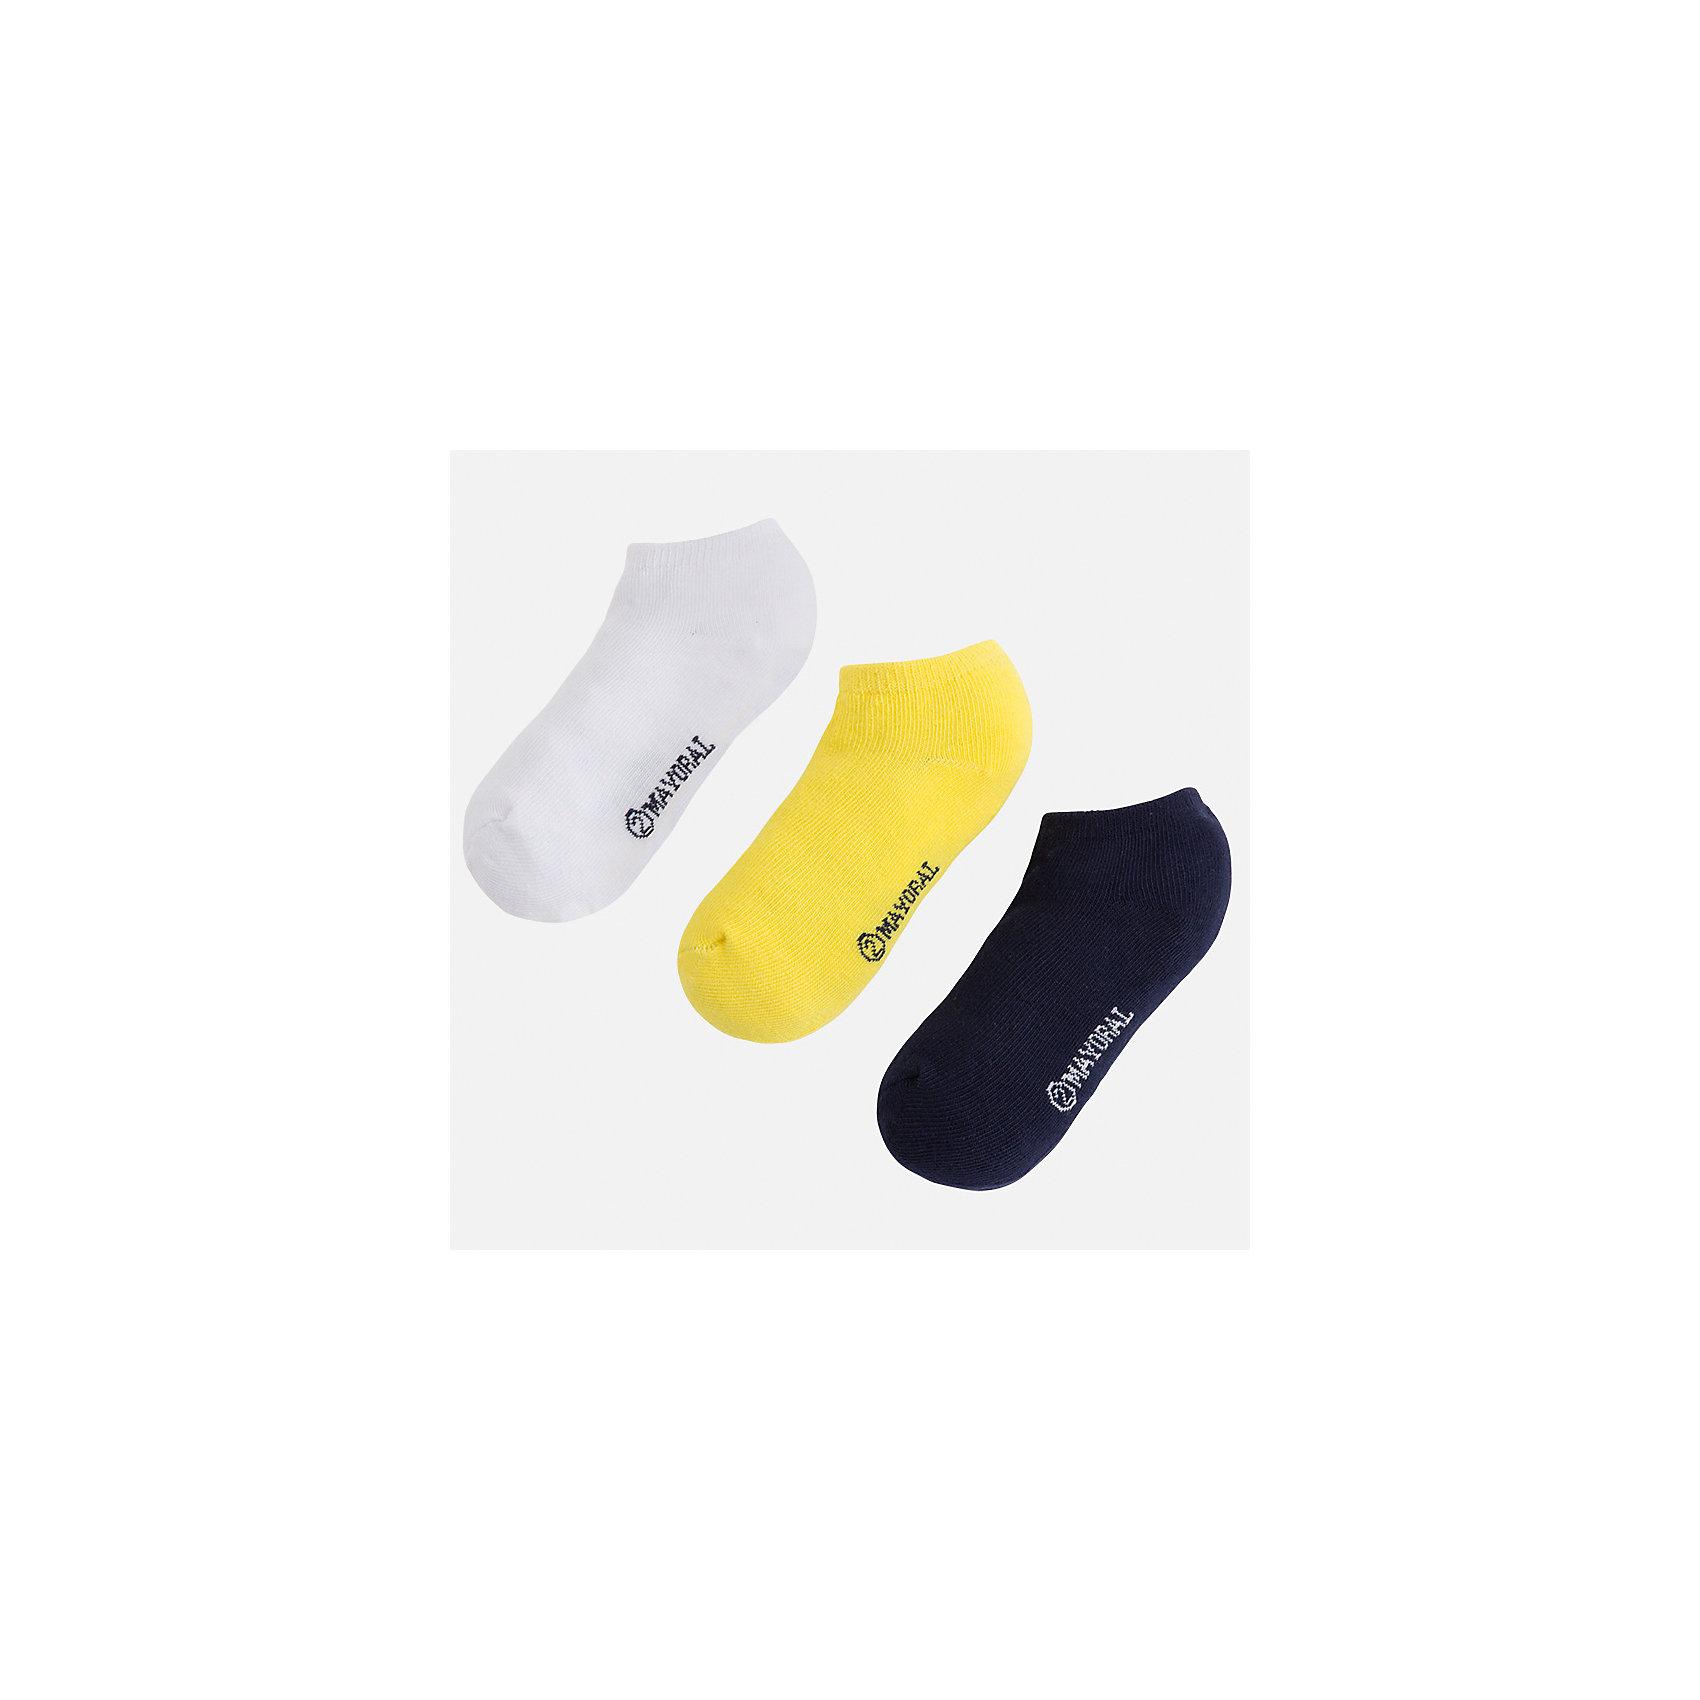 Носки для мальчика MayoralХарактеристики товара:<br><br>• цвет: белый/желтый/синий<br>• состав: 72% хлопок, 25% полиамид, 3% эластан<br>• комплектация: три пары<br>• мягкая резинка<br>• эластичный материал<br>• однотонные<br>• страна бренда: Испания<br><br>Удобные симпатичные носки для мальчика помогут обеспечить ребенку комфорт и дополнить наряд. Универсальный цвет позволяет надевать их под обувь разных расцветок. Носки удобно сидят на ноге и аккуратно смотрятся. Этот комплект - практичный и красивый! В составе материала - натуральный хлопок, гипоаллергенный, приятный на ощупь, дышащий. <br><br>Одежда, обувь и аксессуары от испанского бренда Mayoral полюбились детям и взрослым по всему миру. Модели этой марки - стильные и удобные. Для их производства используются только безопасные, качественные материалы и фурнитура. Порадуйте ребенка модными и красивыми вещами от Mayoral! <br><br>Носки (3 пары) для мальчика от испанского бренда Mayoral (Майорал) можно купить в нашем интернет-магазине.<br><br>Ширина мм: 87<br>Глубина мм: 10<br>Высота мм: 105<br>Вес г: 115<br>Цвет: желтый<br>Возраст от месяцев: 72<br>Возраст до месяцев: 96<br>Пол: Мужской<br>Возраст: Детский<br>Размер: 8,2,4,6<br>SKU: 5294382